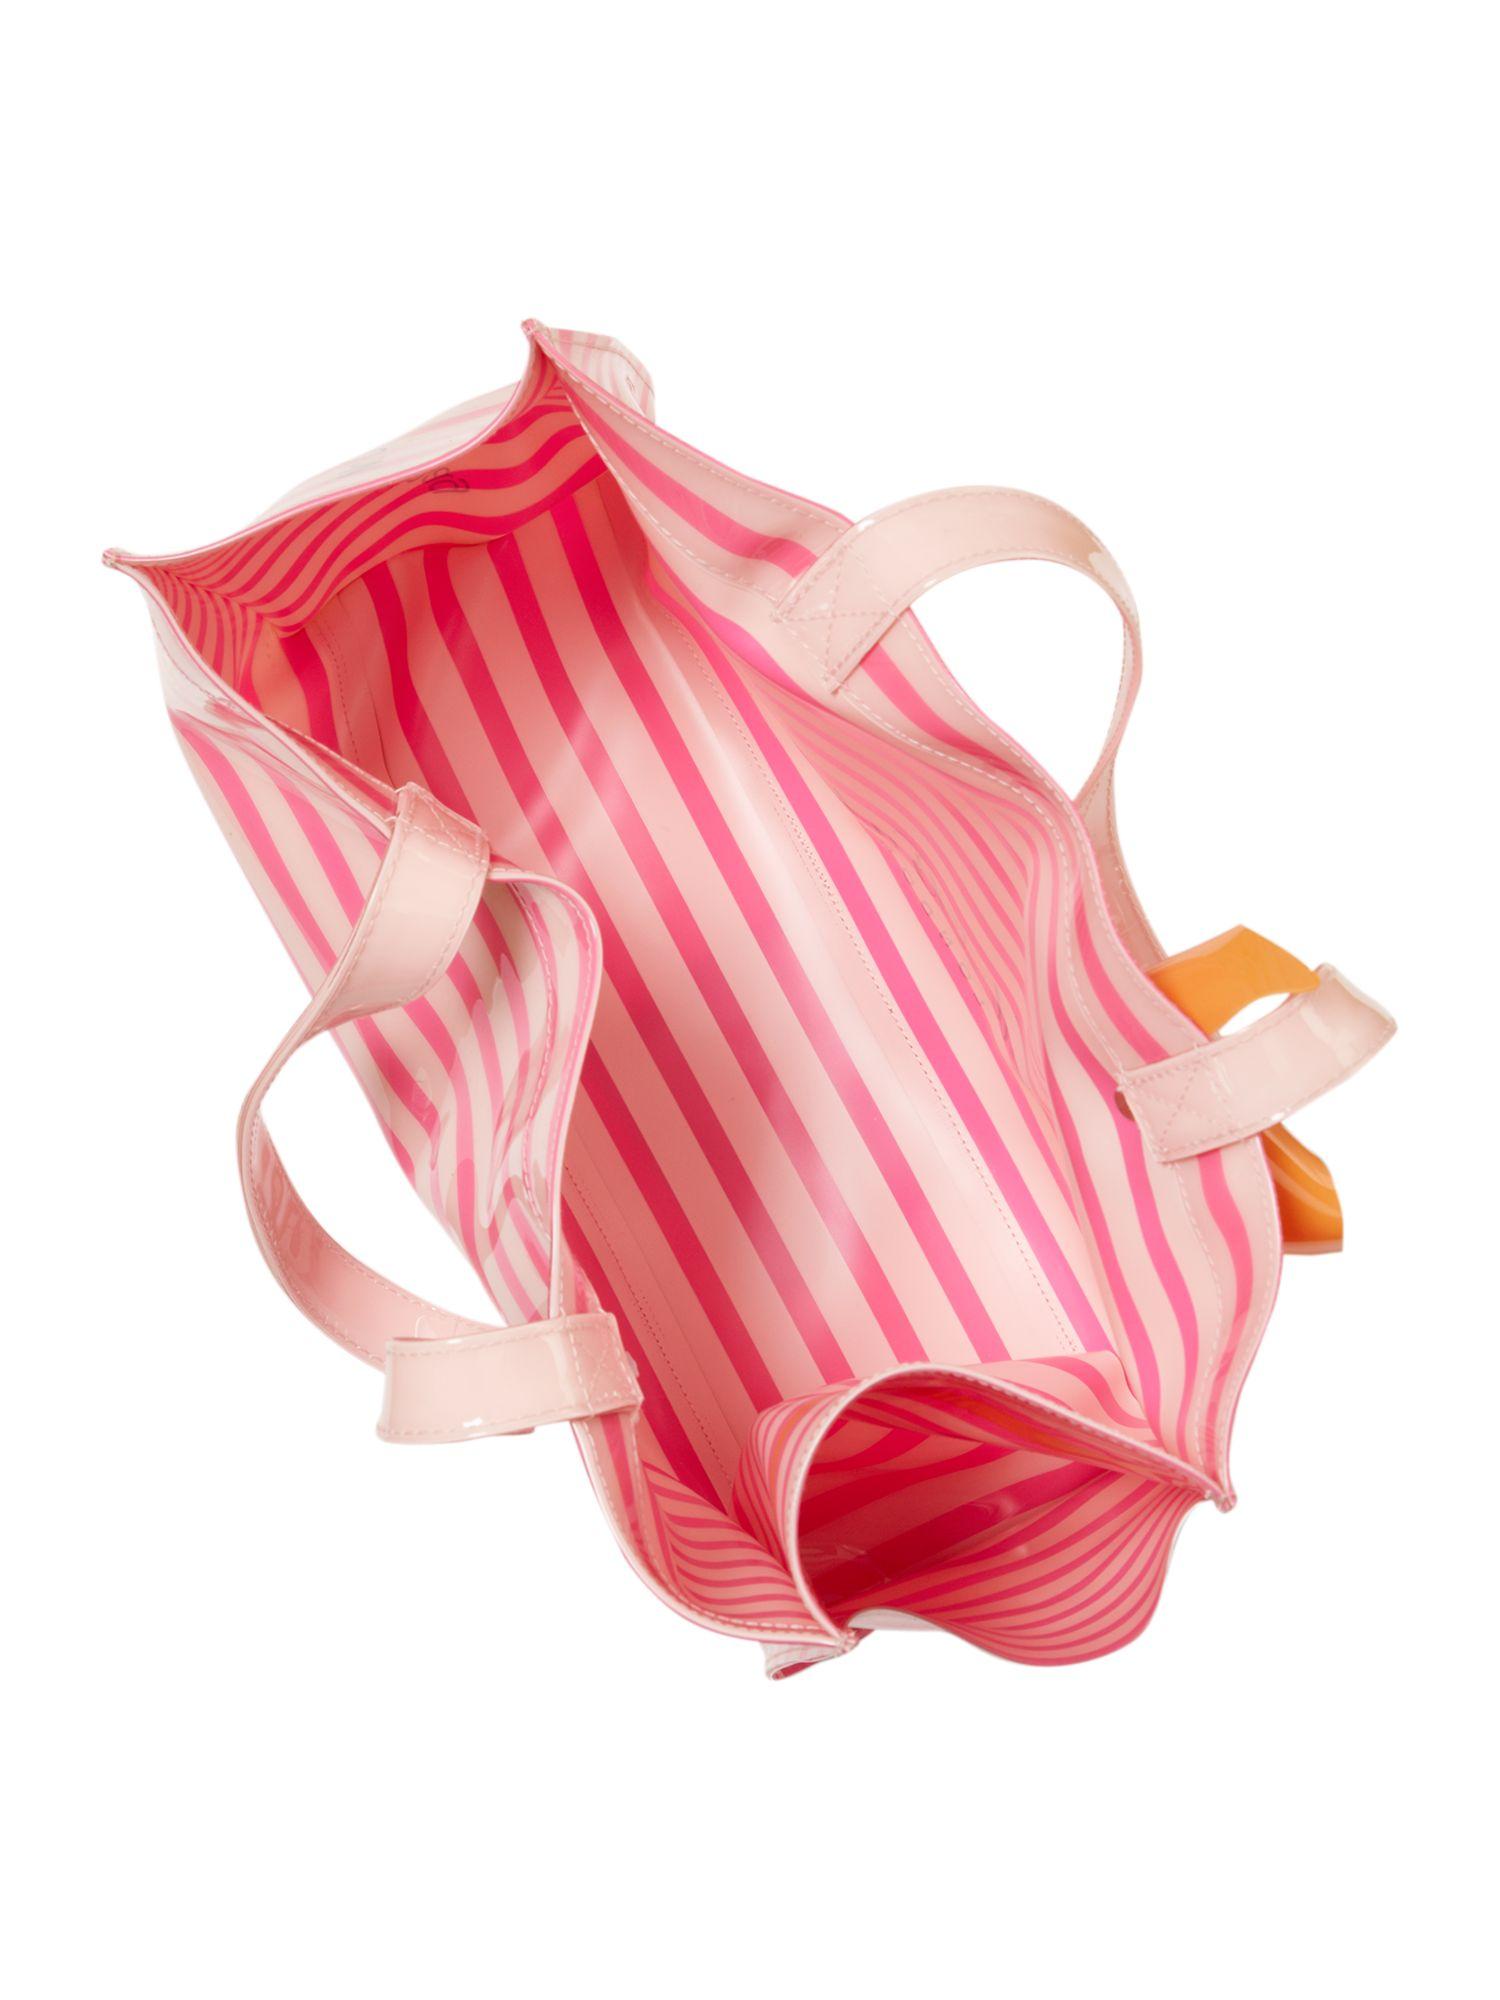 Ted Baker Large Size Flip Flop Tote Bag in Pink